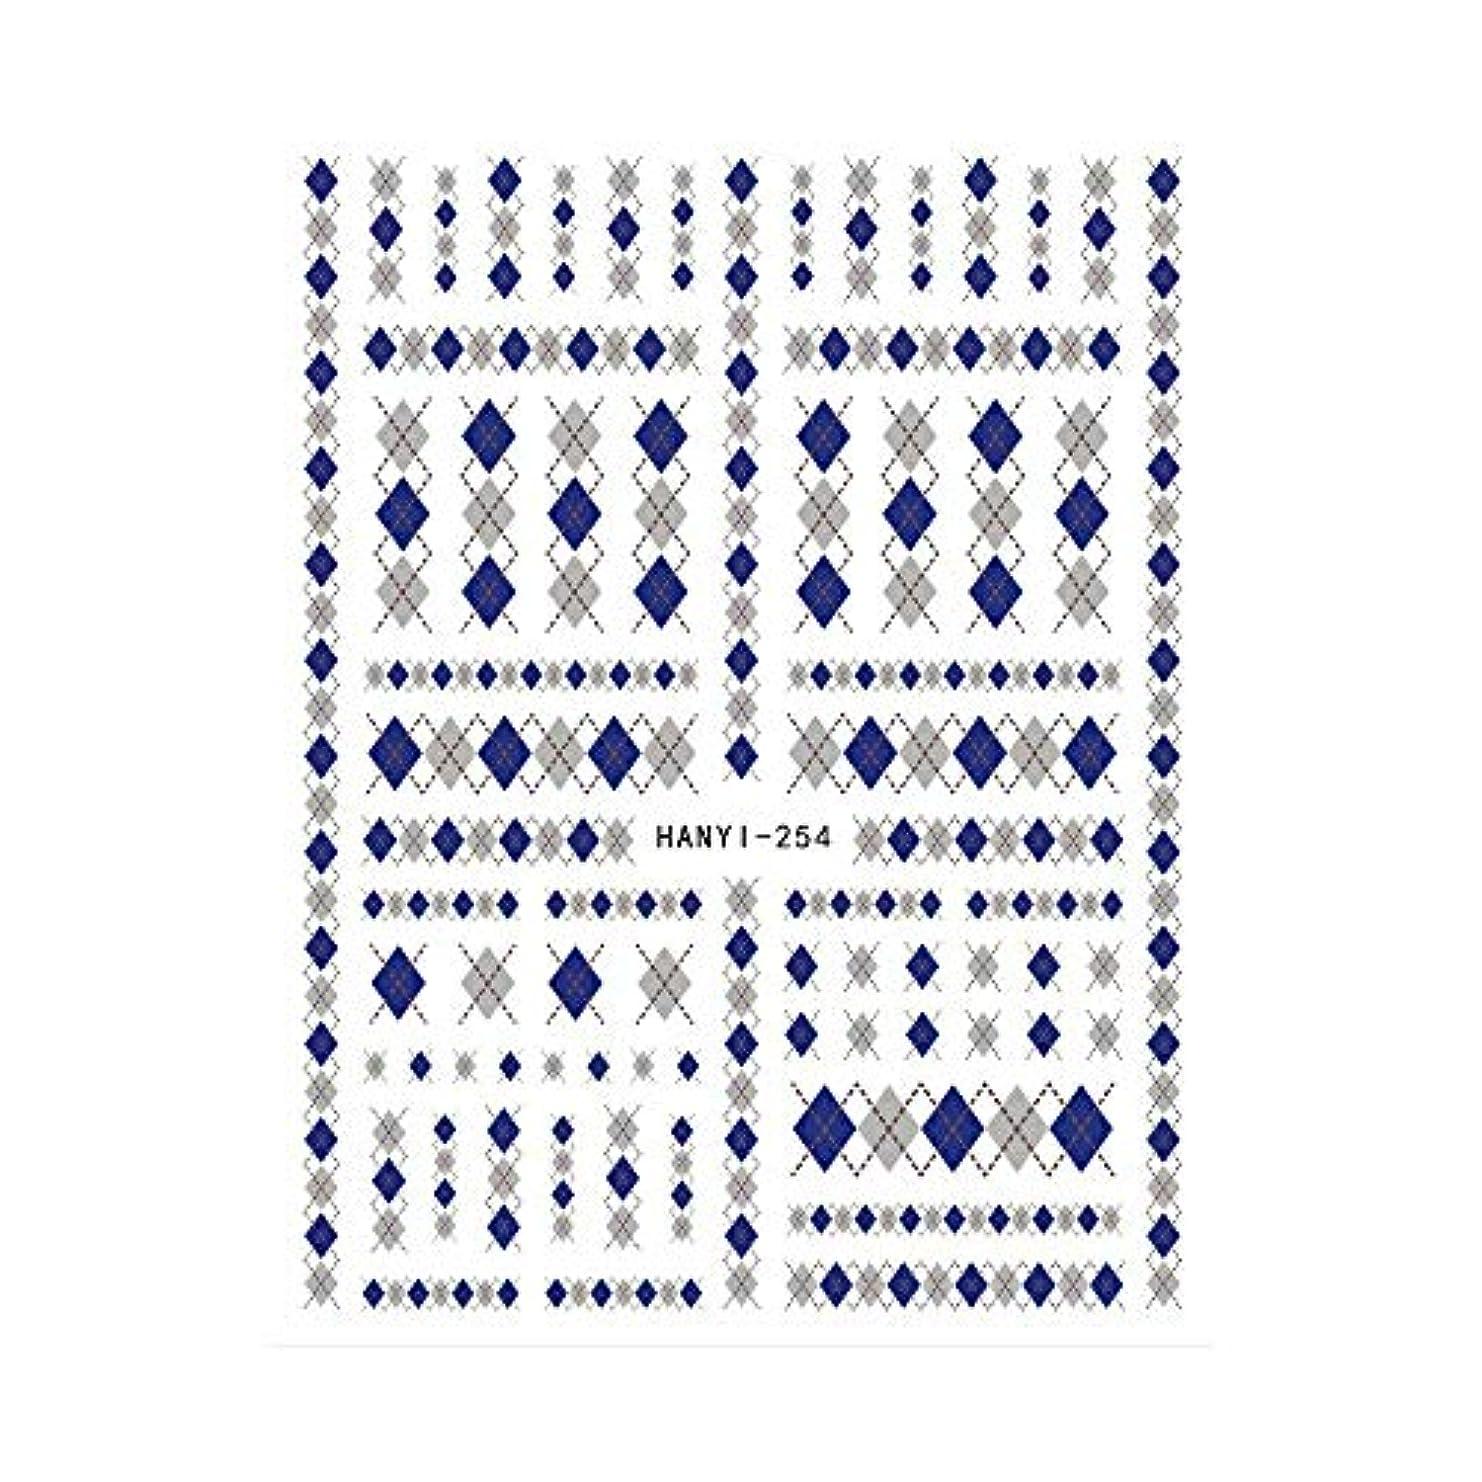 独特の衣装オークションirogel イロジェルネイルシール トラッドアーガイルシール【ブルー】【HANYI-254】